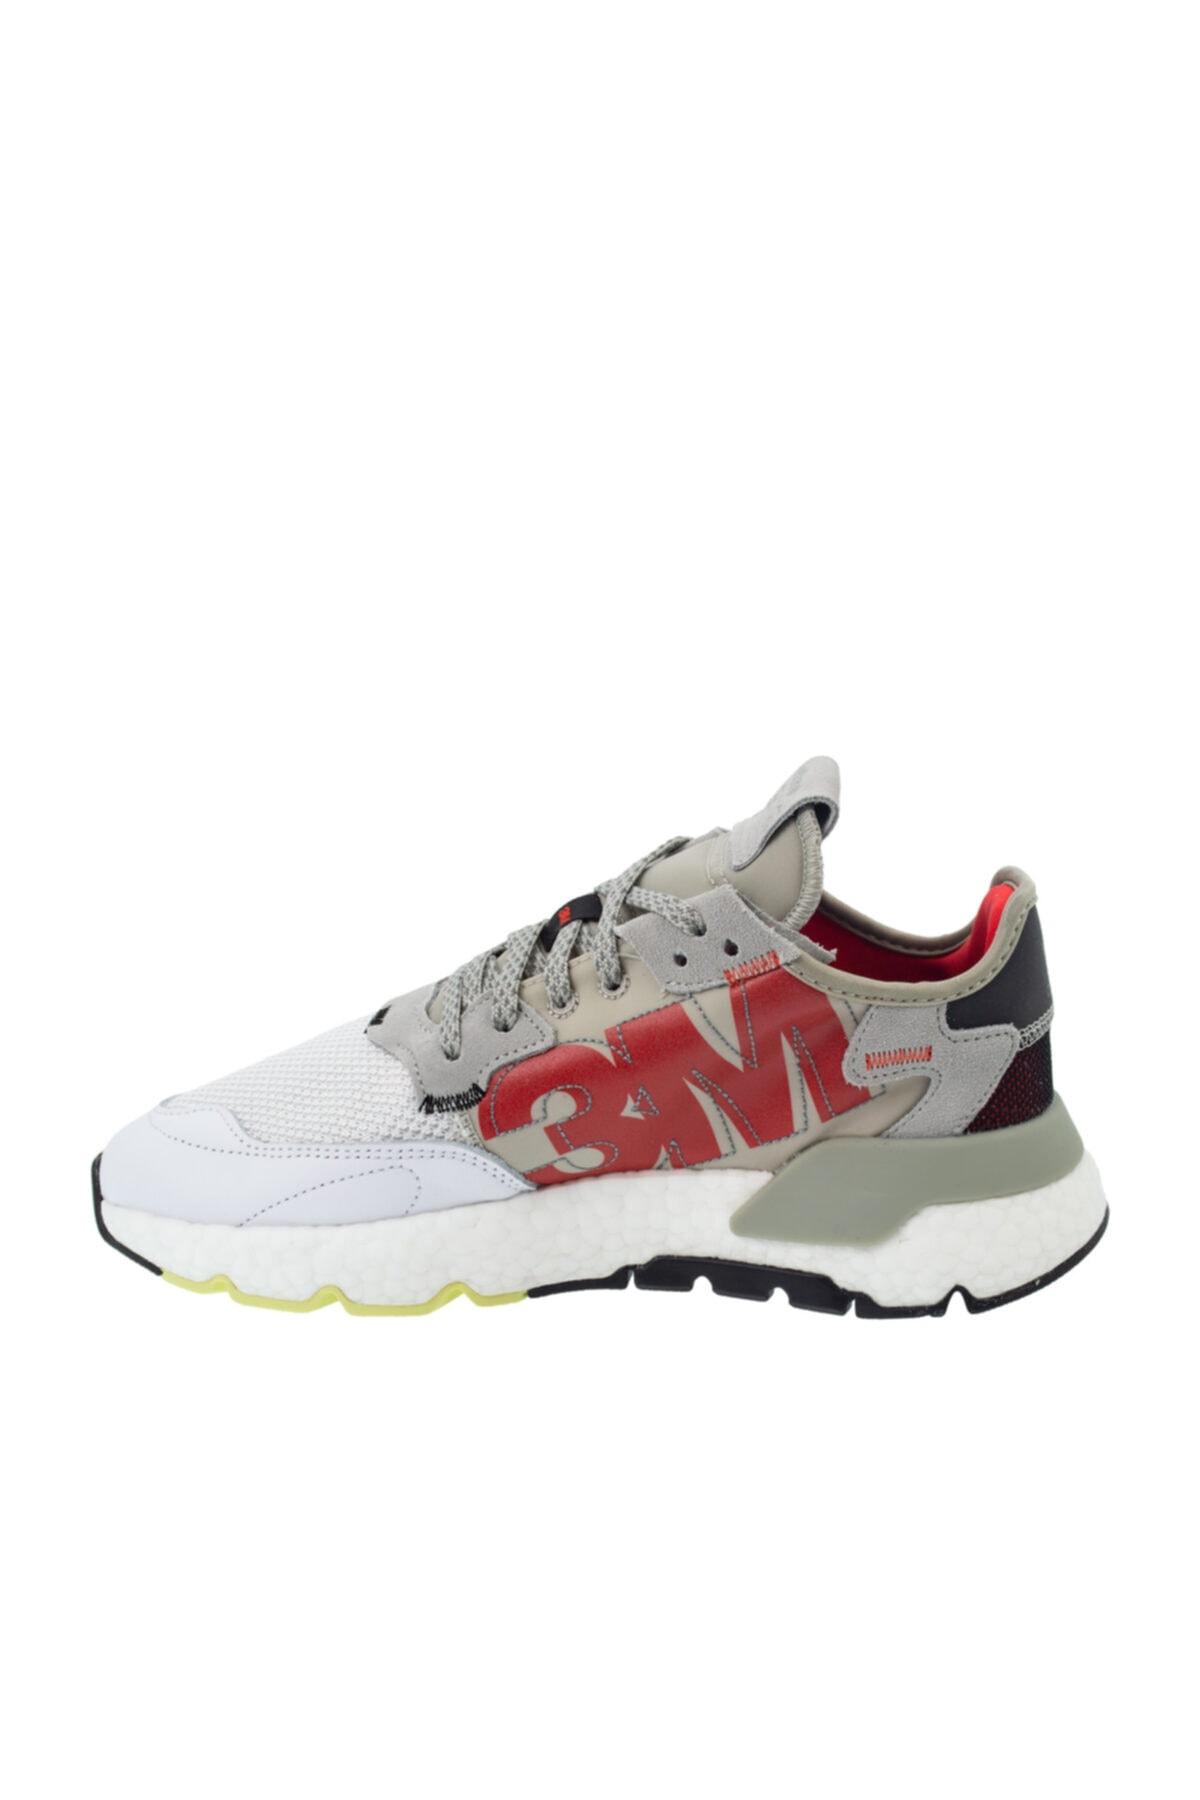 adidas Erkek Gri Bağcıklı Spor Ayakkabı ef5409 2